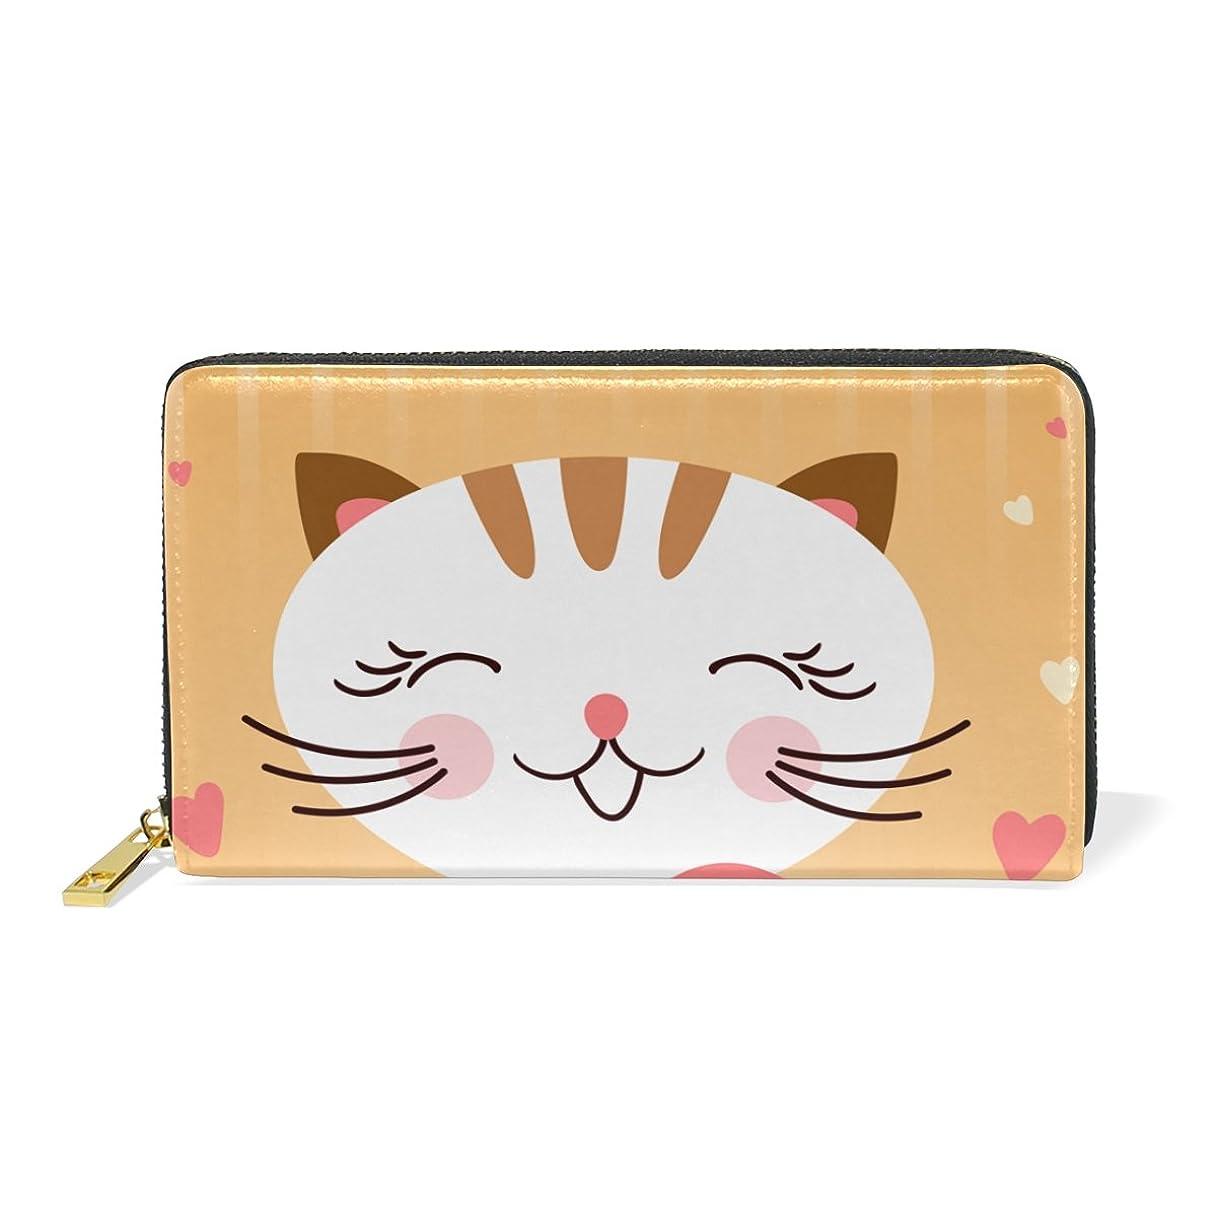 追加する万一に備えて従うAyuStyle 長財布 レディース おしゃれ メンズ ファスナー 財布 猫の日 猫 キャット ネコ 猫柄 かわいい 面白い お札入れ 小銭入れ カード入れ 大容量入学式 卒業式 誕生日 プレゼント